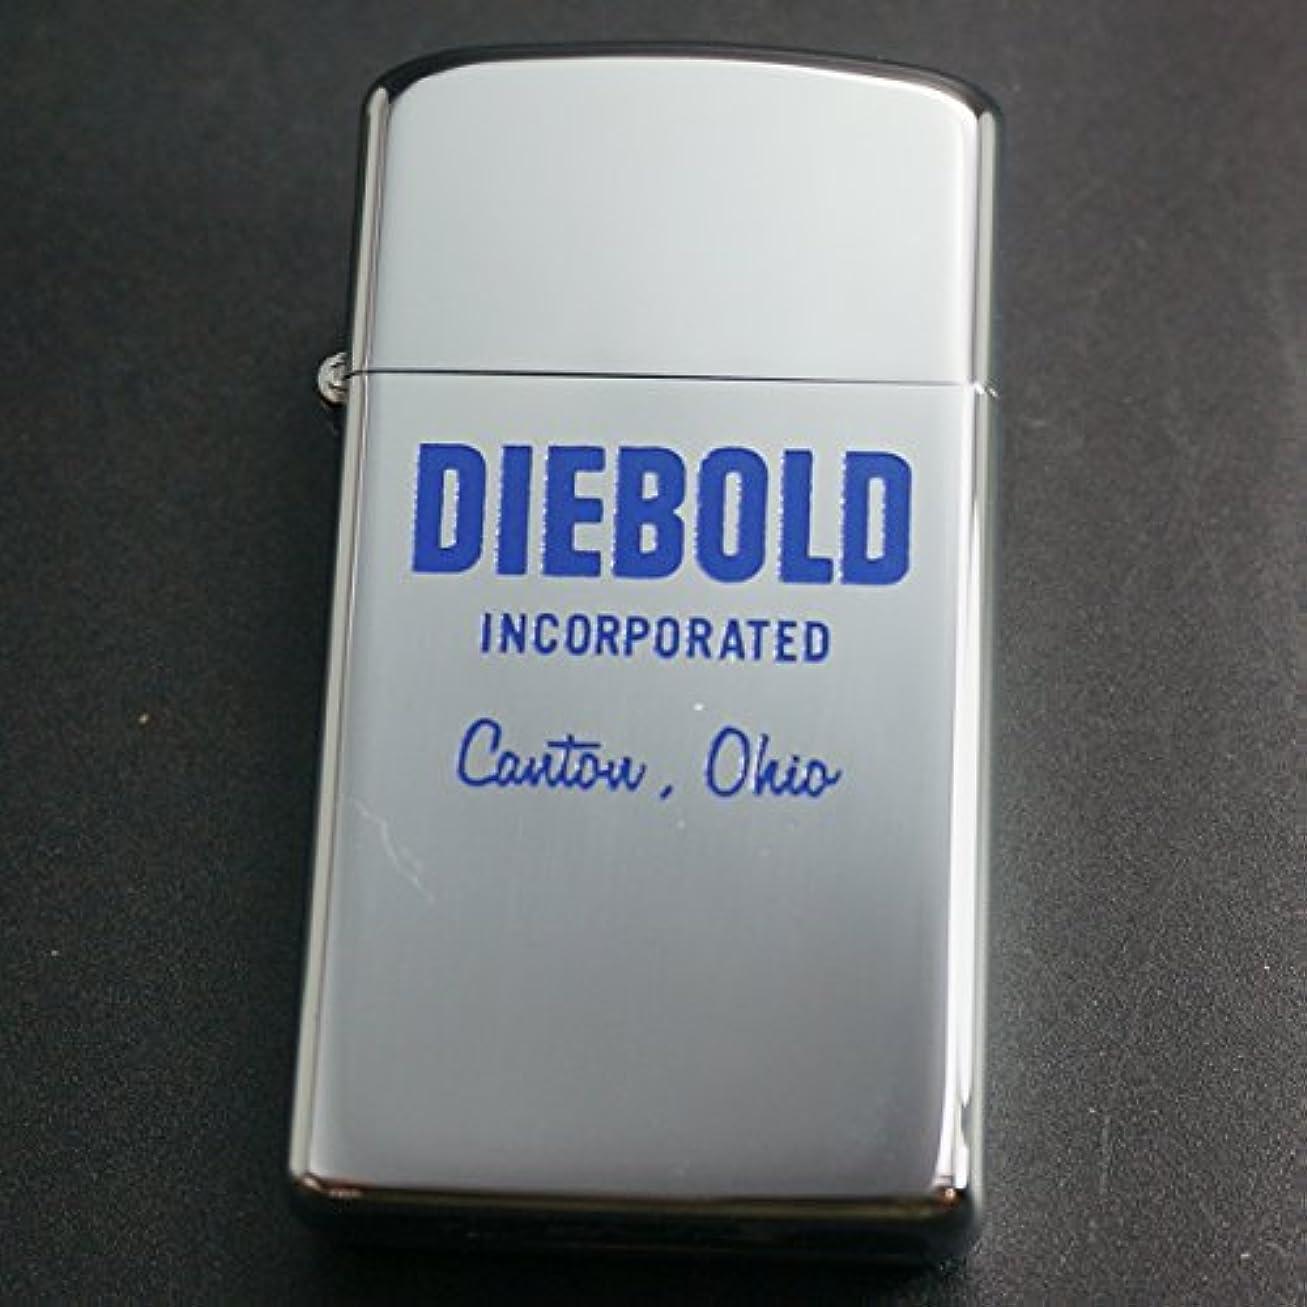 電極時間厳守手配するzippo 企業柄 DIEBOLD スリム #1610 1972年製造